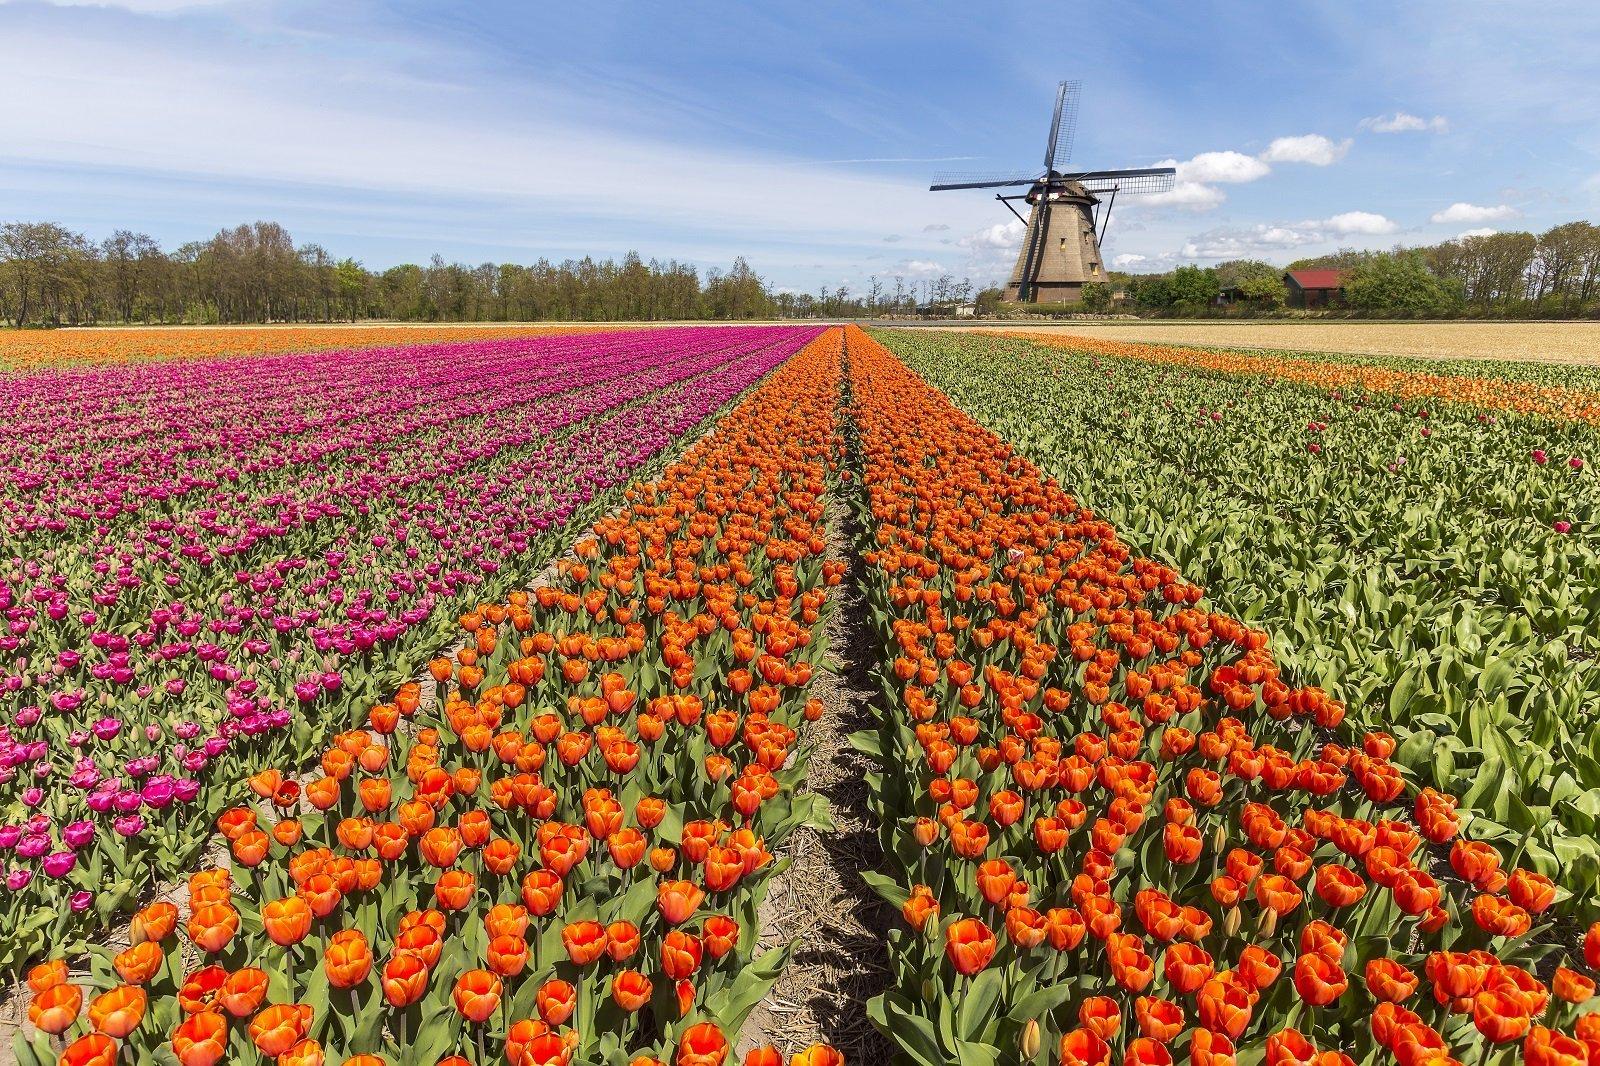 un prato con una distesa di tulipani colorati